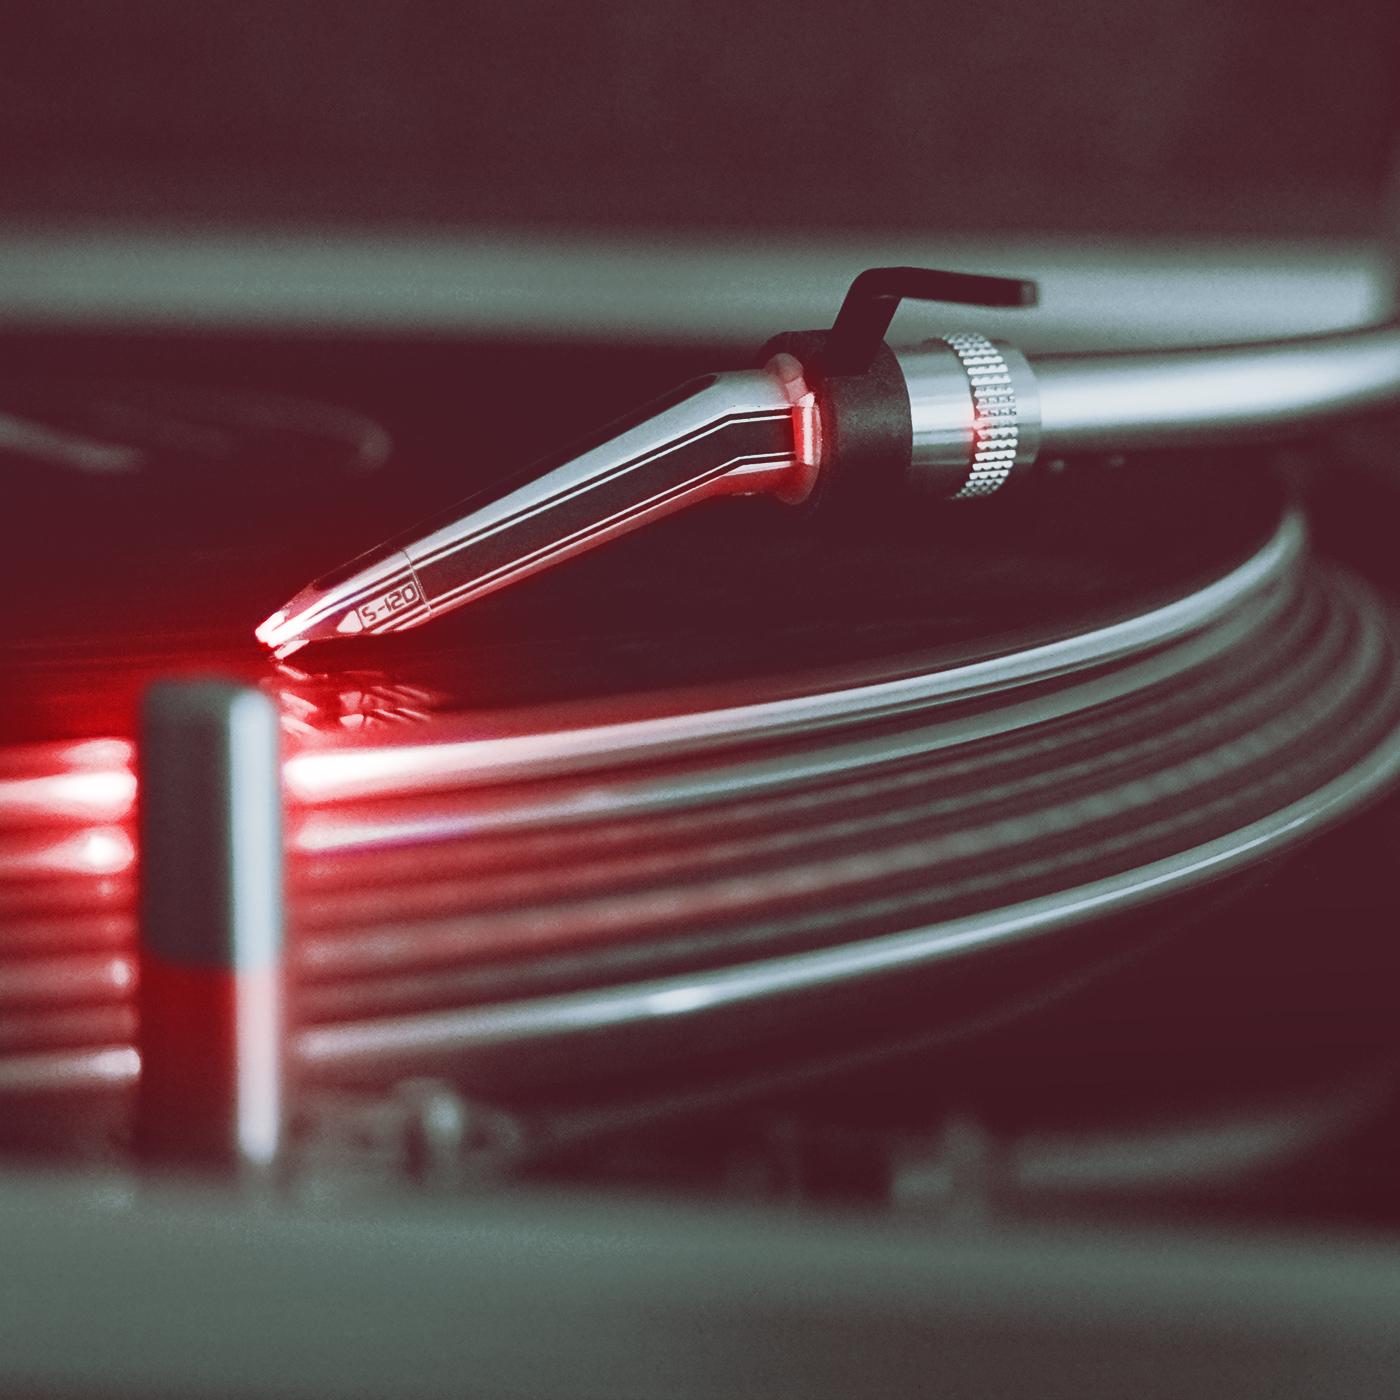 Oldschool Techno Trance Radio Di Fm Addictive Electronic Music